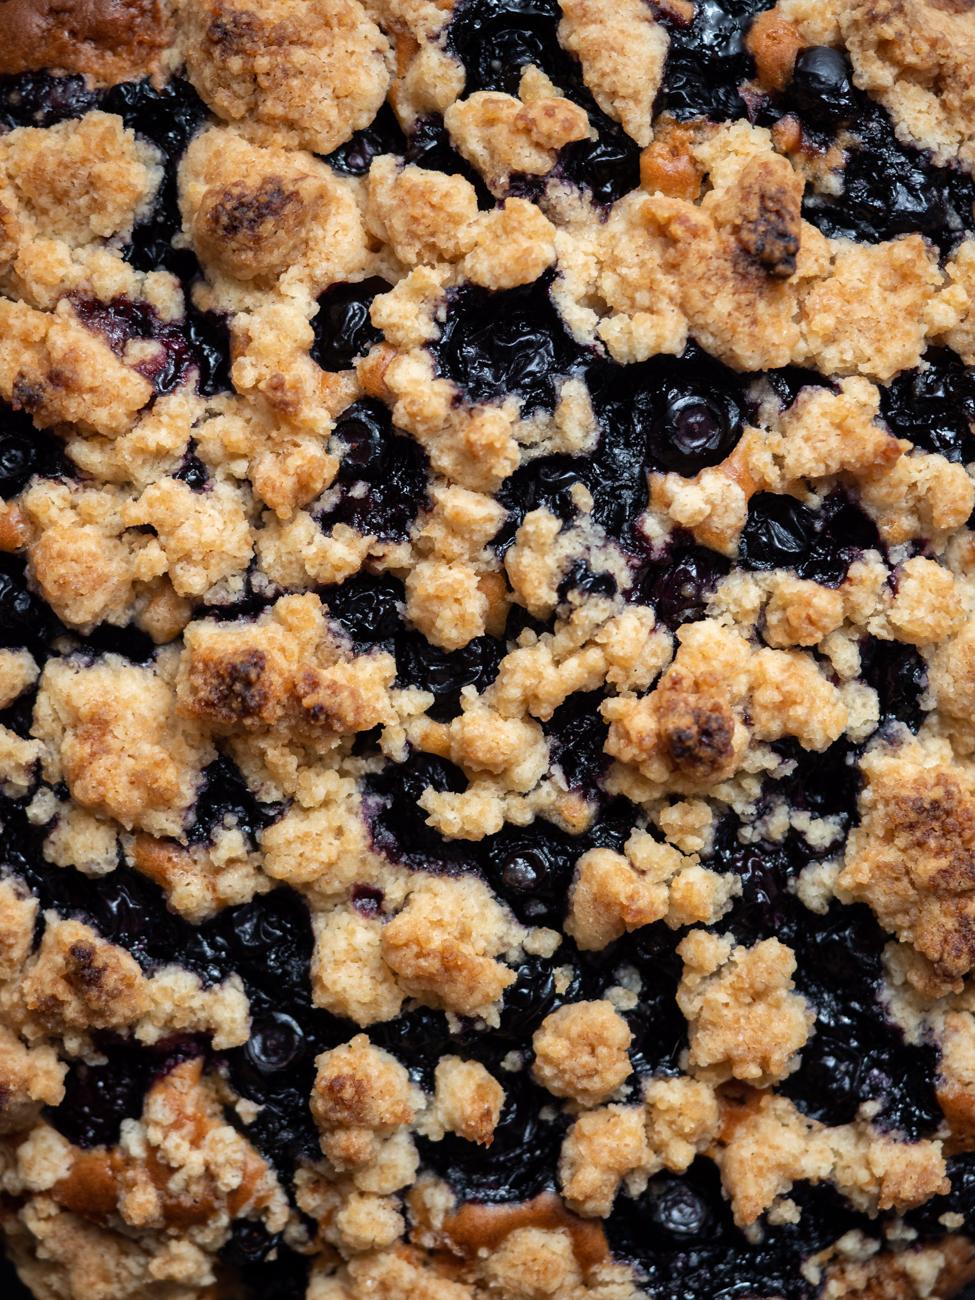 Jak zrobić kruszonkę do ciasta? Prosty przepis na kruszonkę